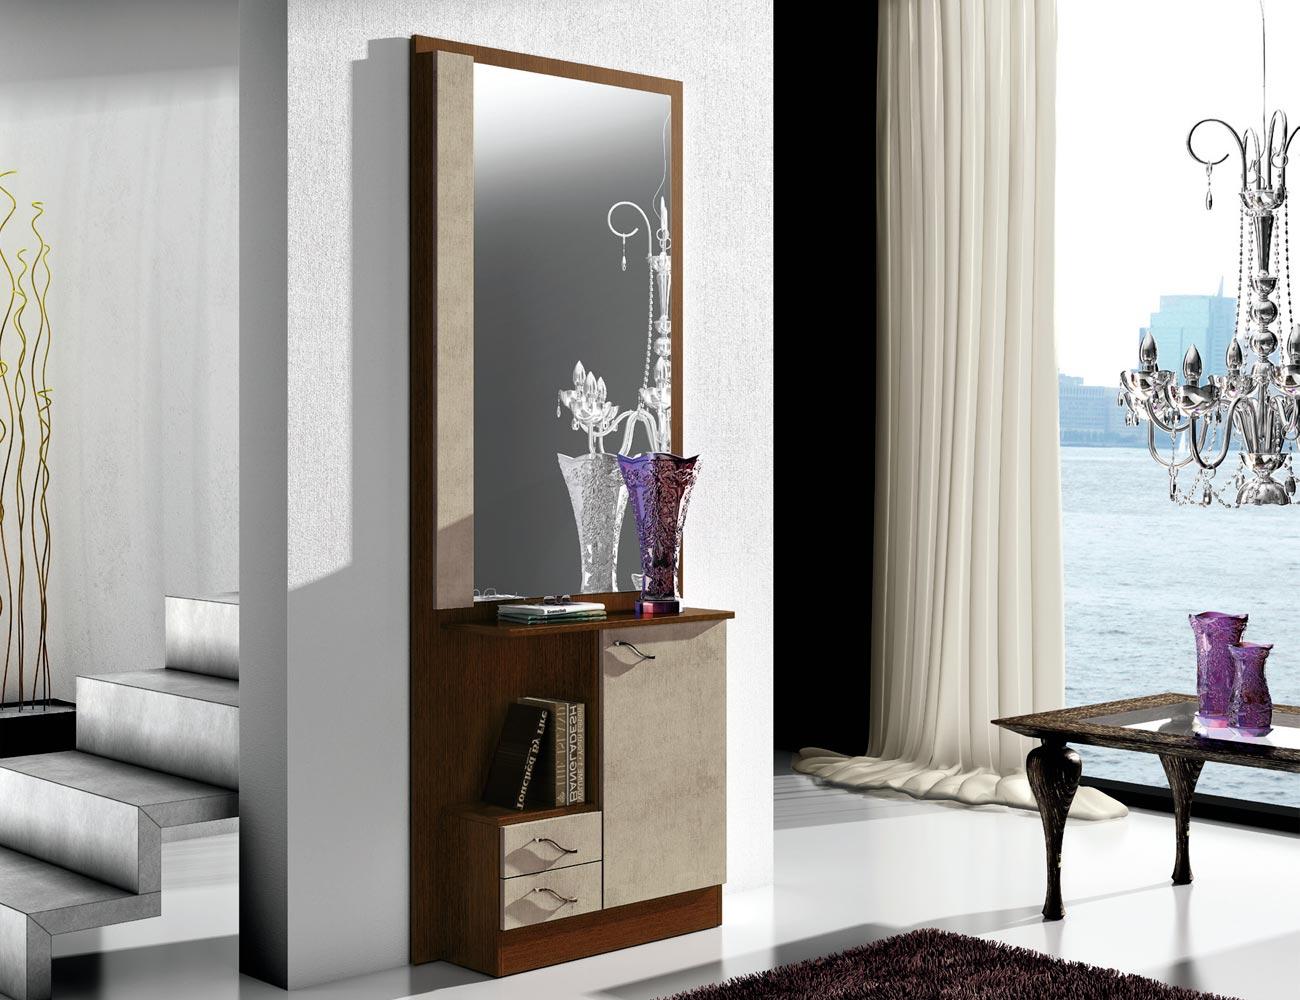 Recibidor con mural espejo 2 cajones wengue plata 1501